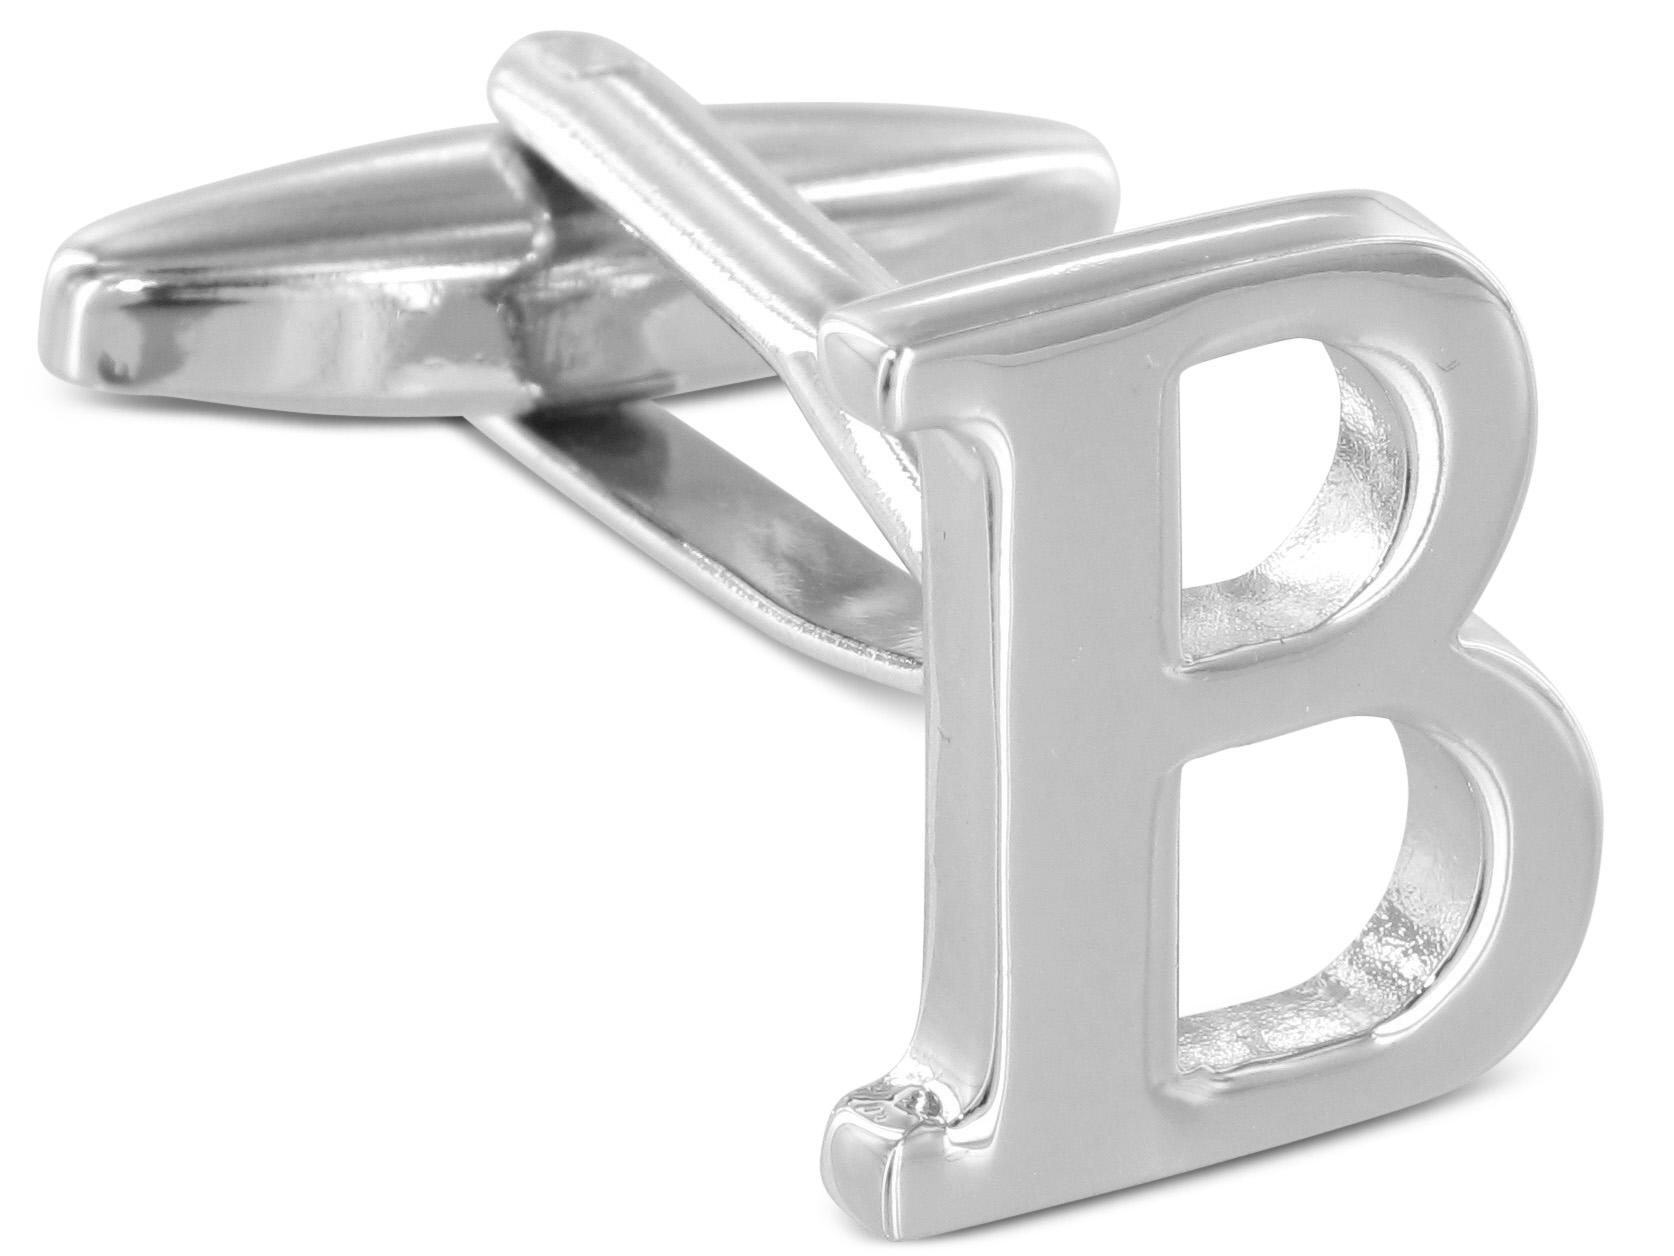 """TEROON Manschettenknopf Buchstabe Initiale """"B"""" [EIN Knopf - KEIN Paar]"""